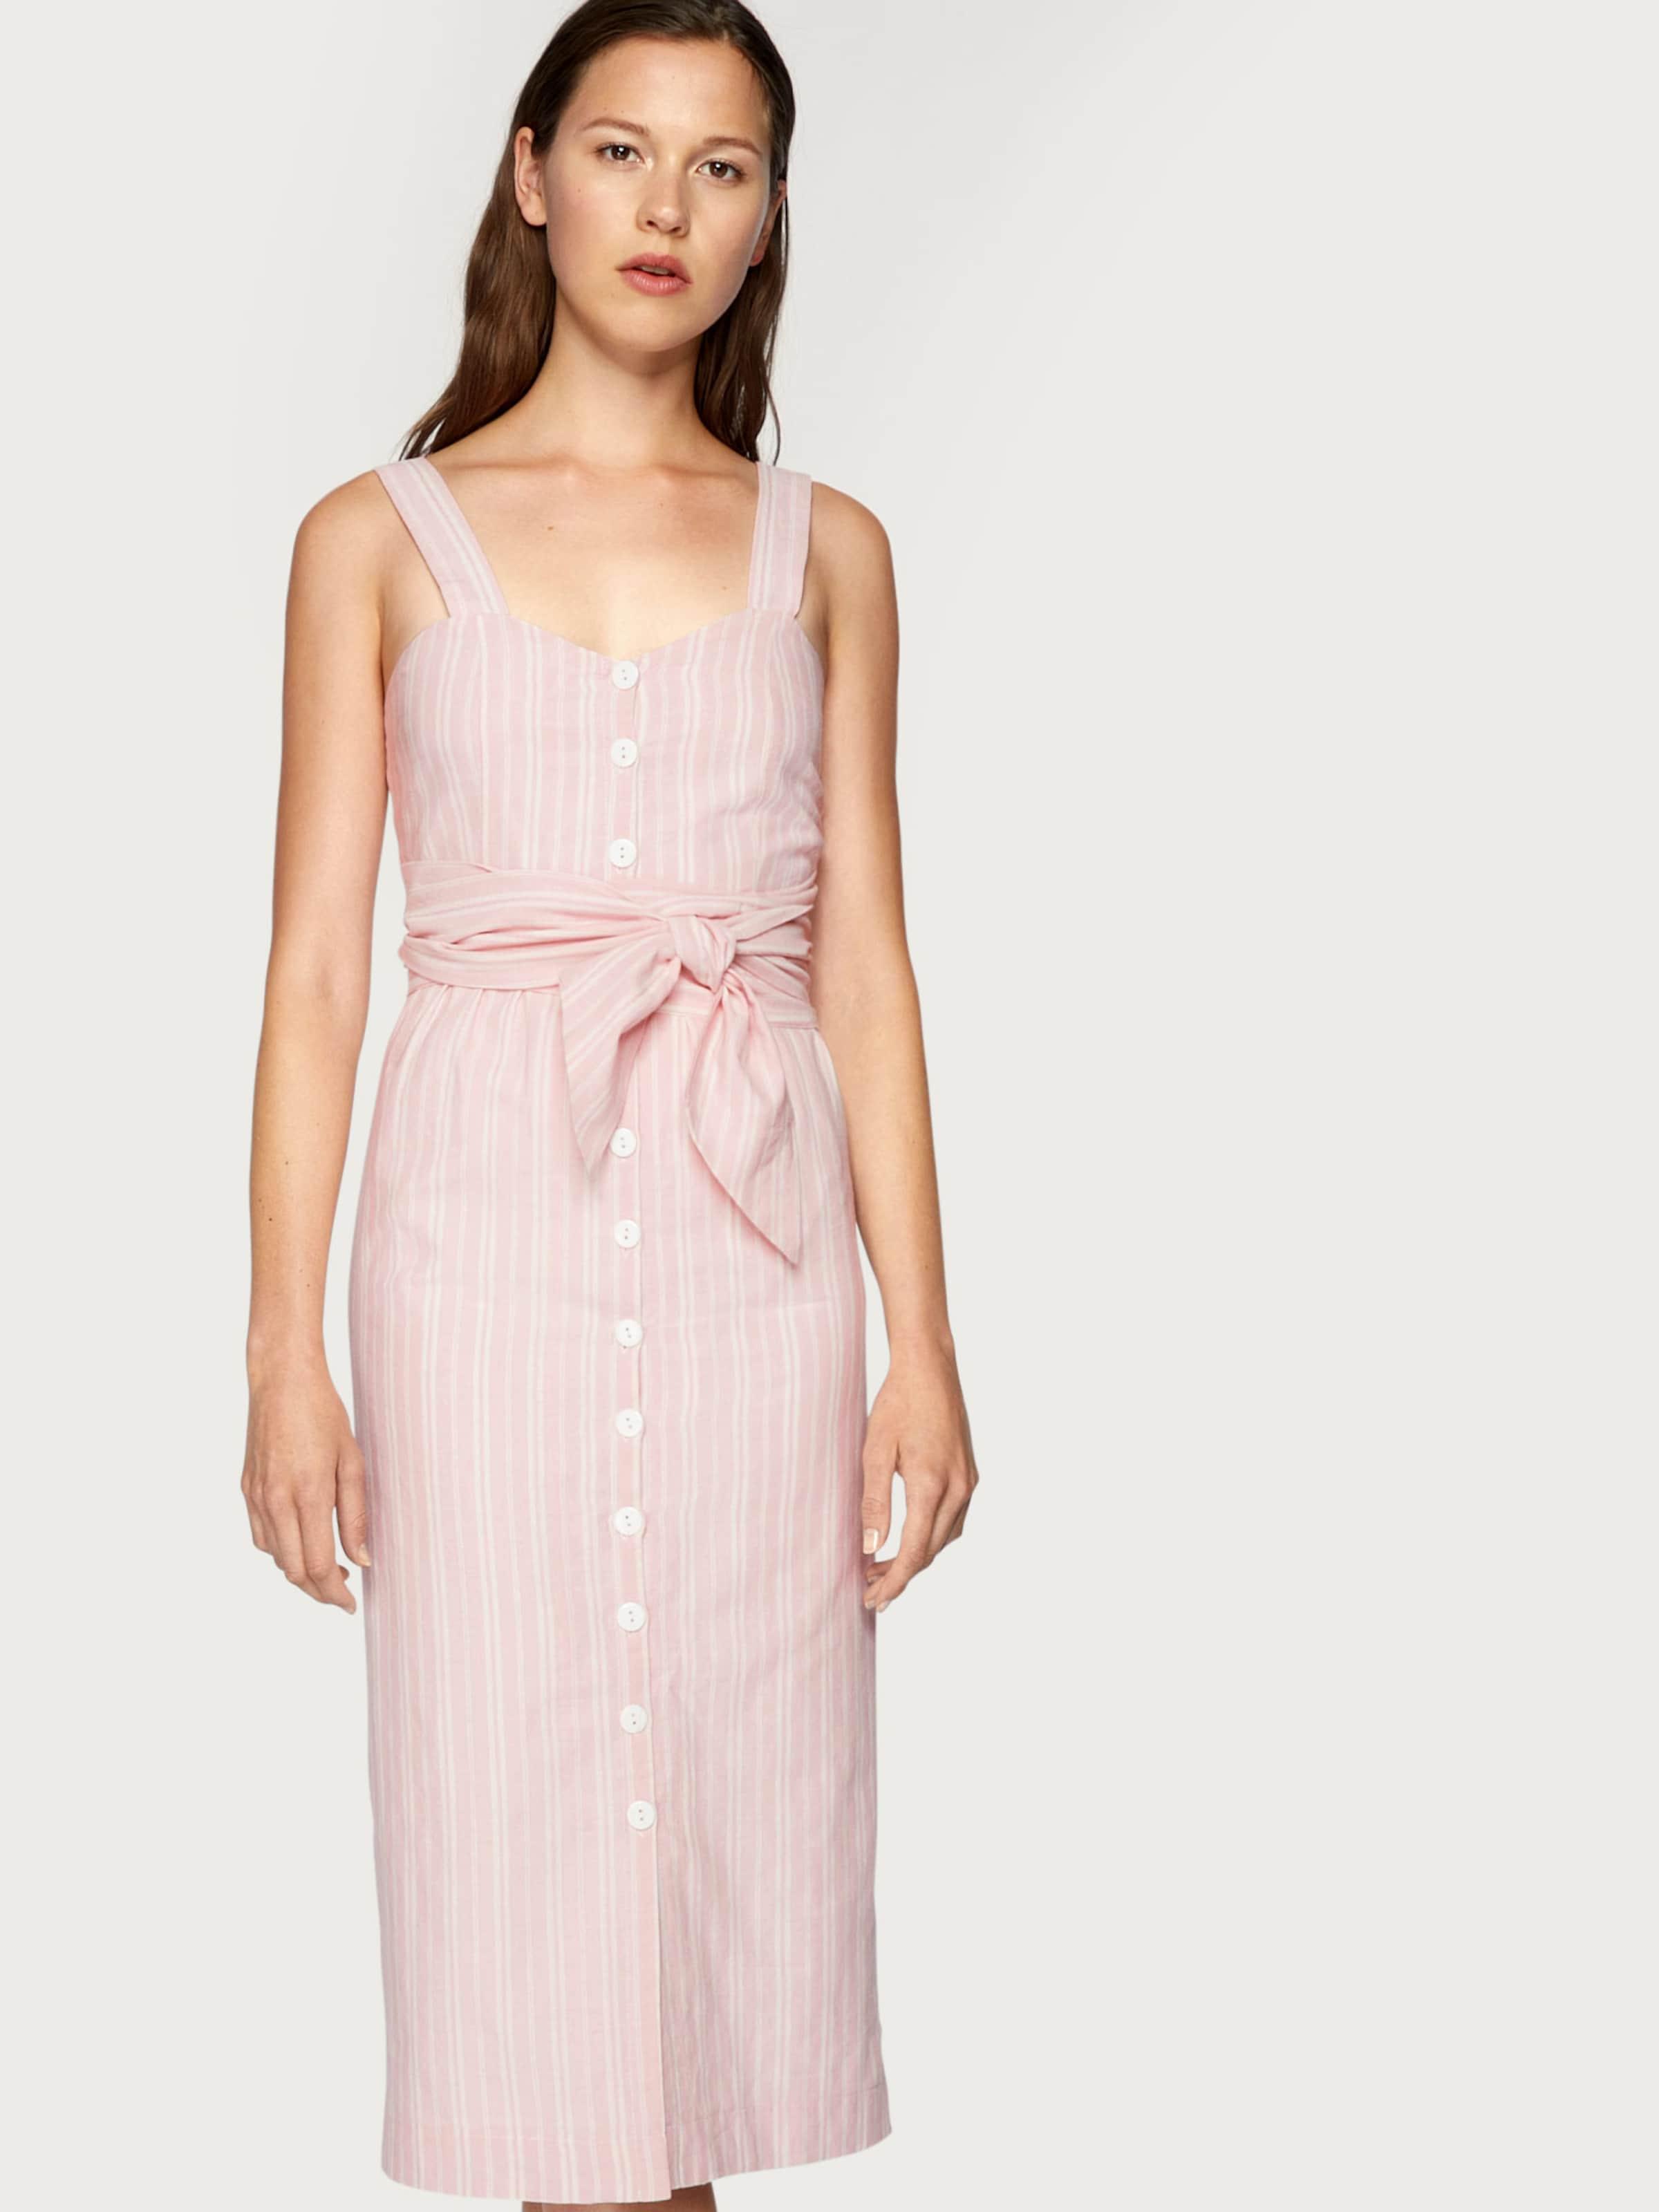 Kleider aus polen online bestellen